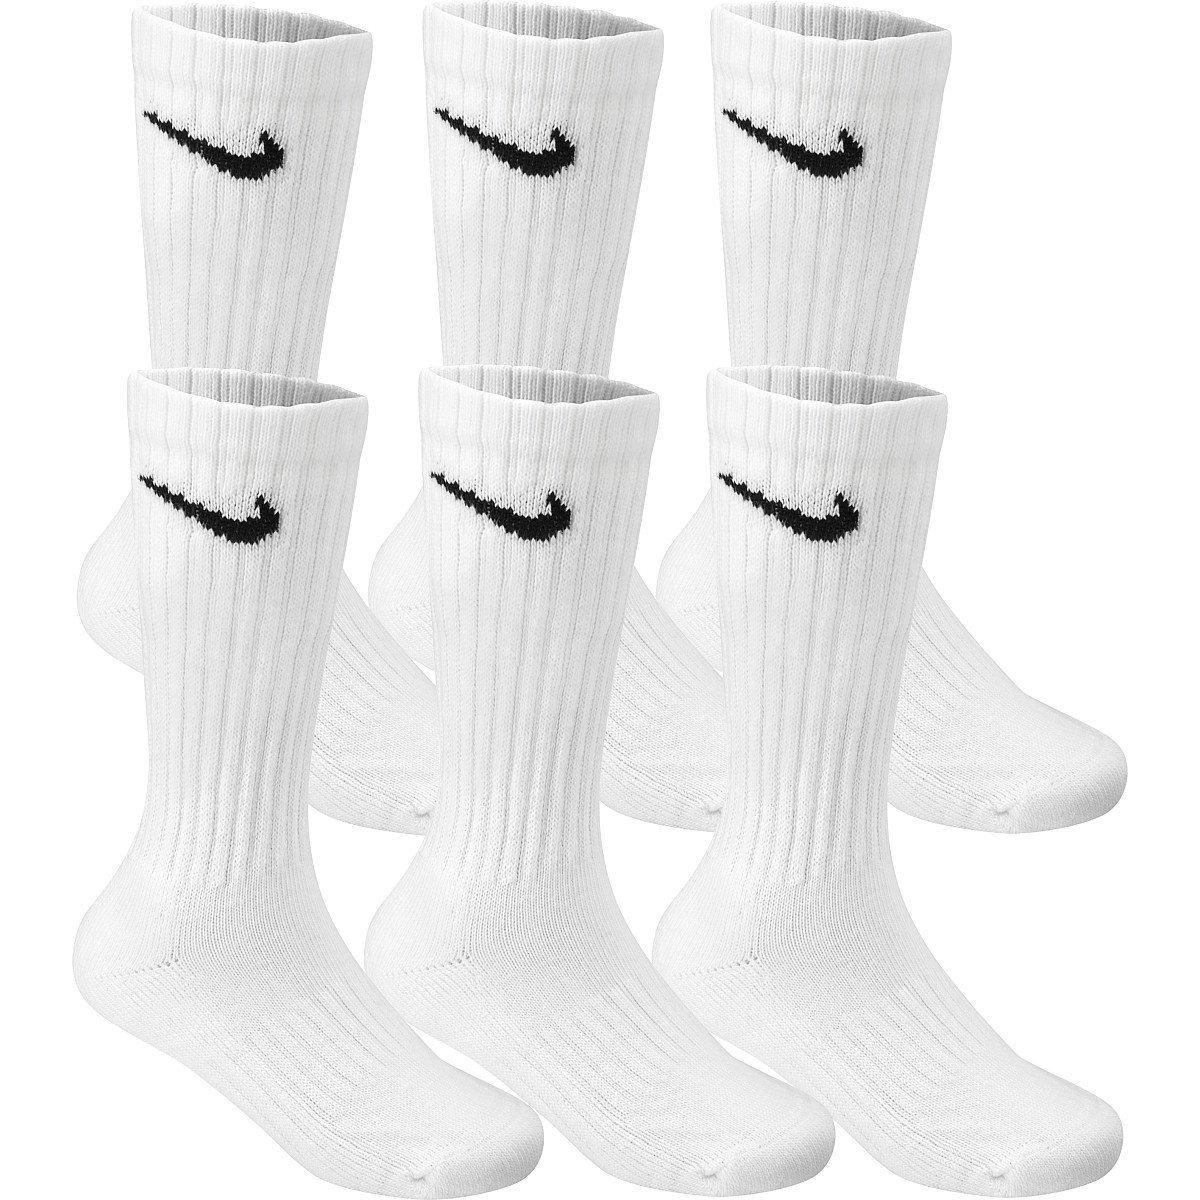 Nike Performance Chaussettes De L'équipage De Coton Pour Hommes Coussiné Boutique en ligne 2015 à vendre collections de dédouanement meilleurs prix discount où puis-je commander fnRPI